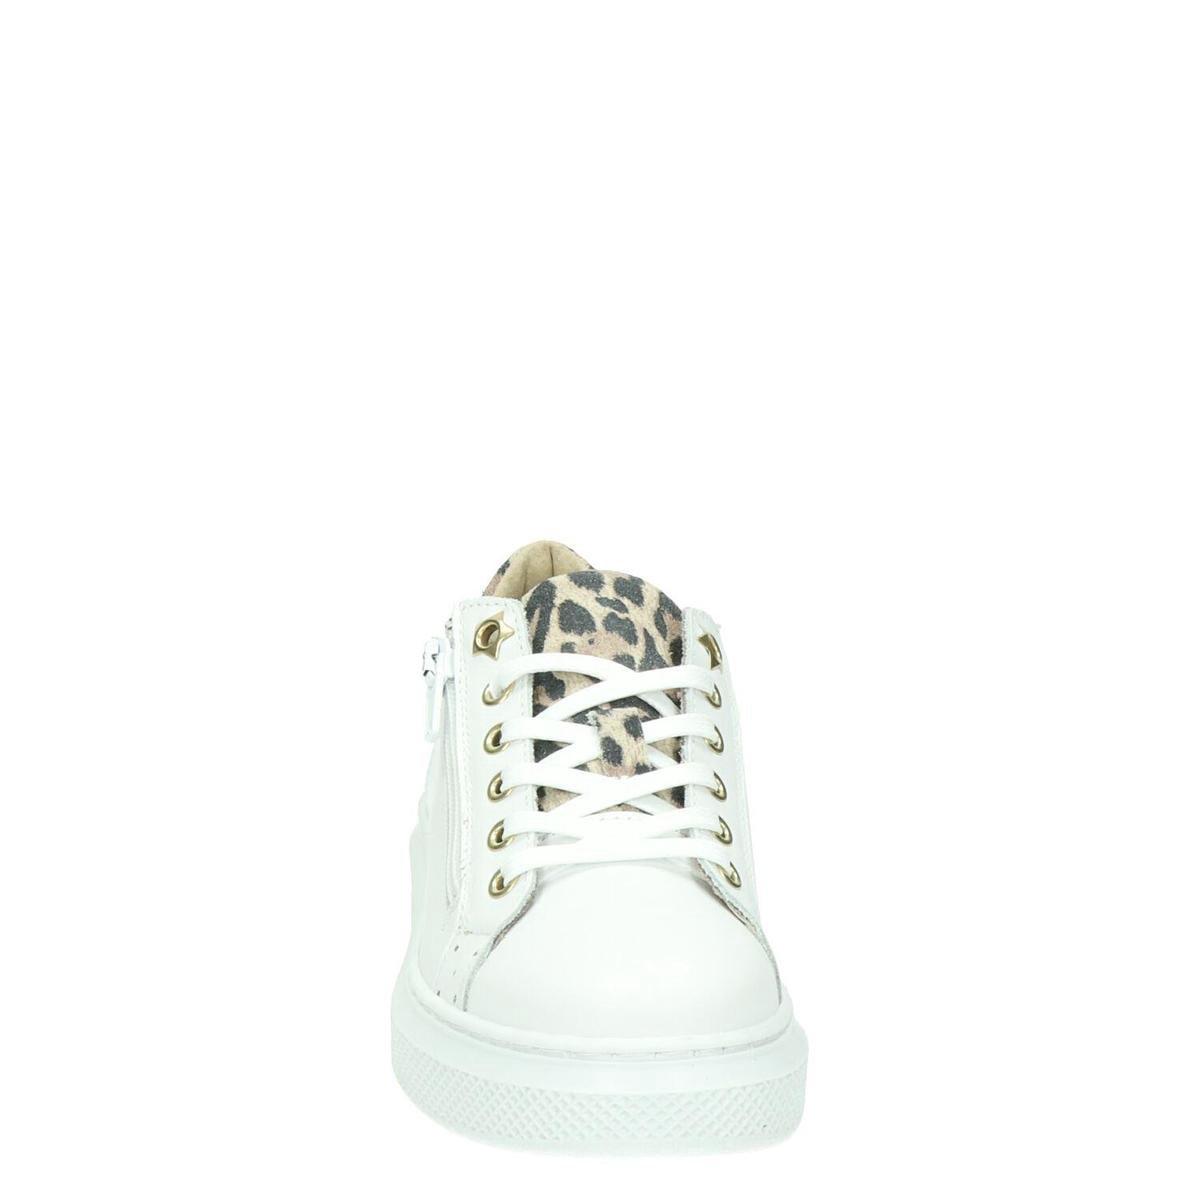 Nelson Kids meisjes sneaker - Wit multi - Maat 32 Sneakers